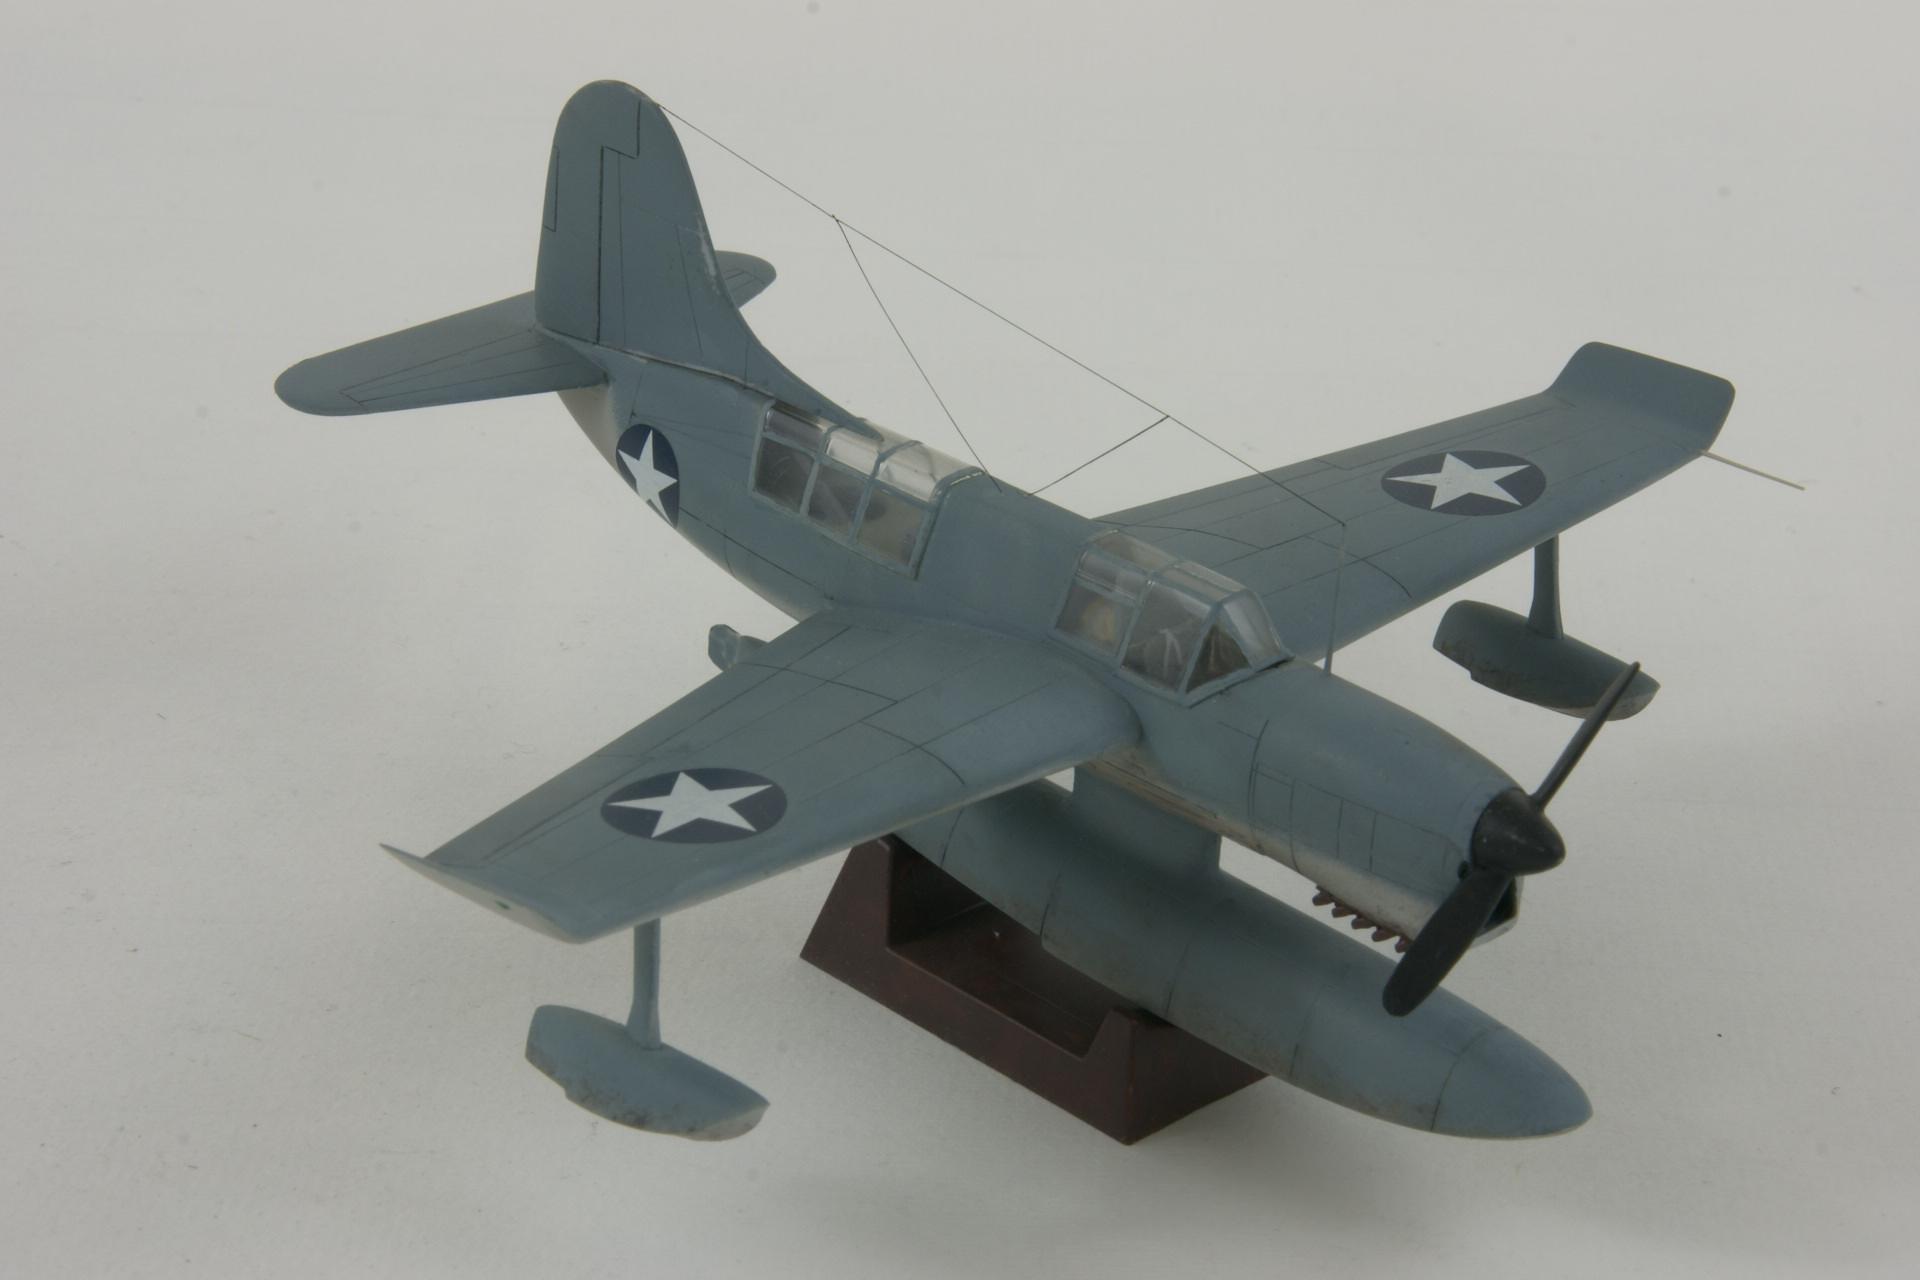 Curtiss so3c 1 seagull 4 2